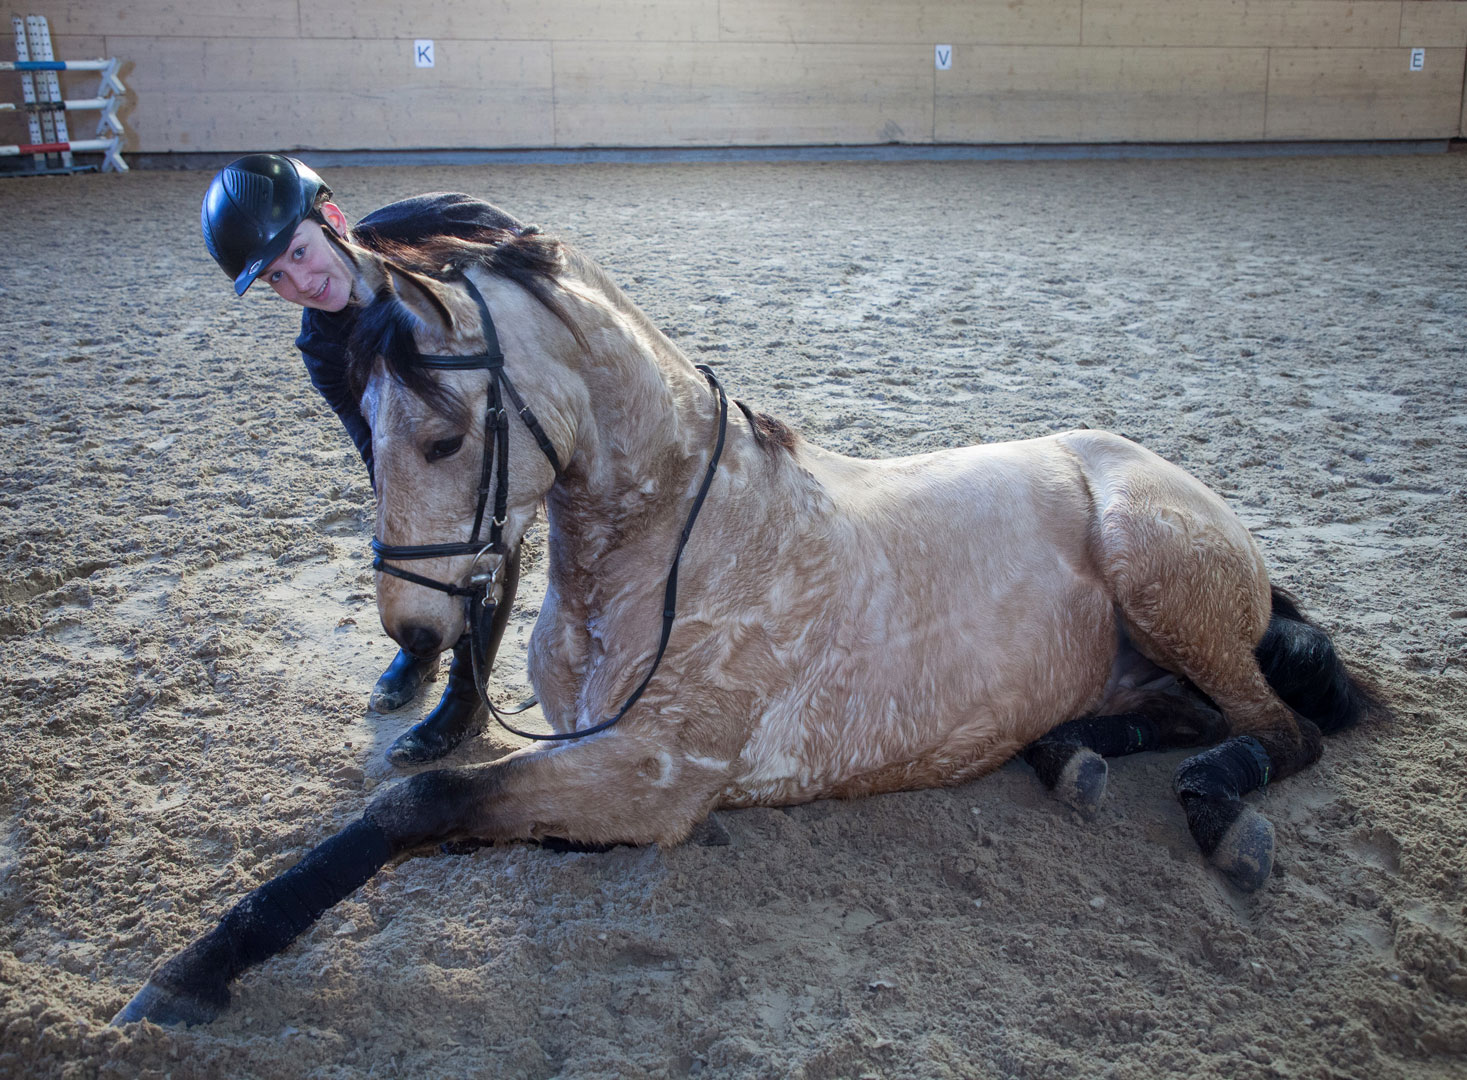 chevaux à vendre, centre équestre les kà, ferme équestre, école d'équitation - hongre pure race espagnole - cartage